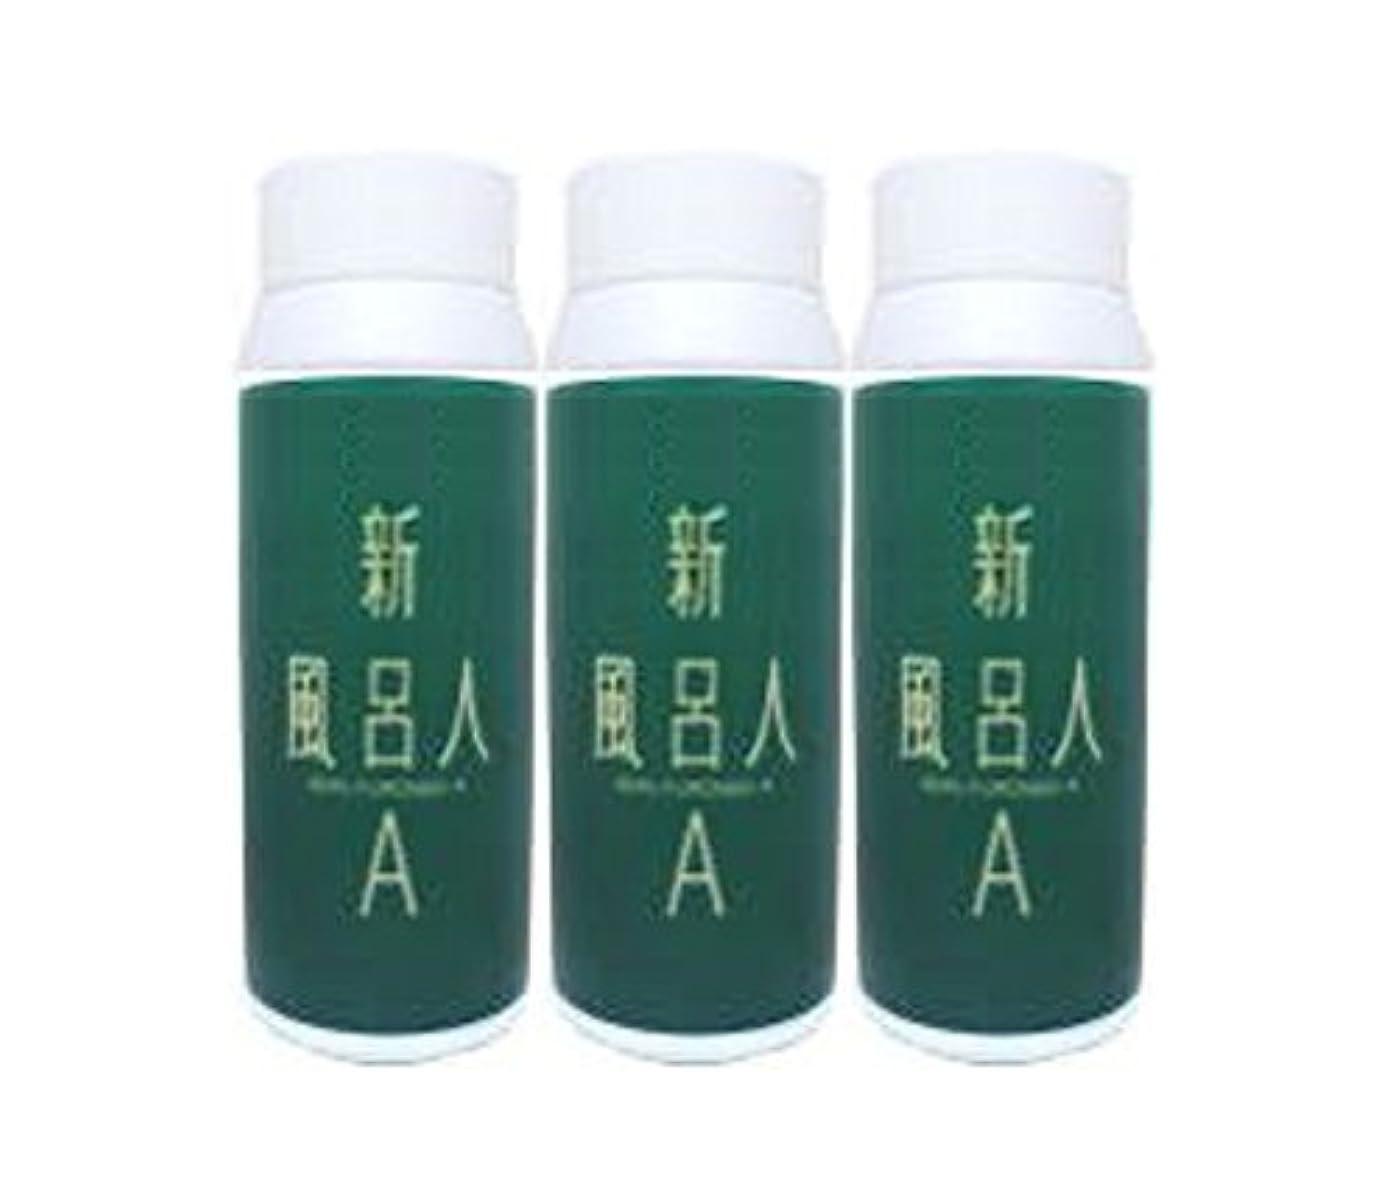 合金ホステル赤道24時間風呂用 入浴剤 新フロンドA 1000g 【3本セット】